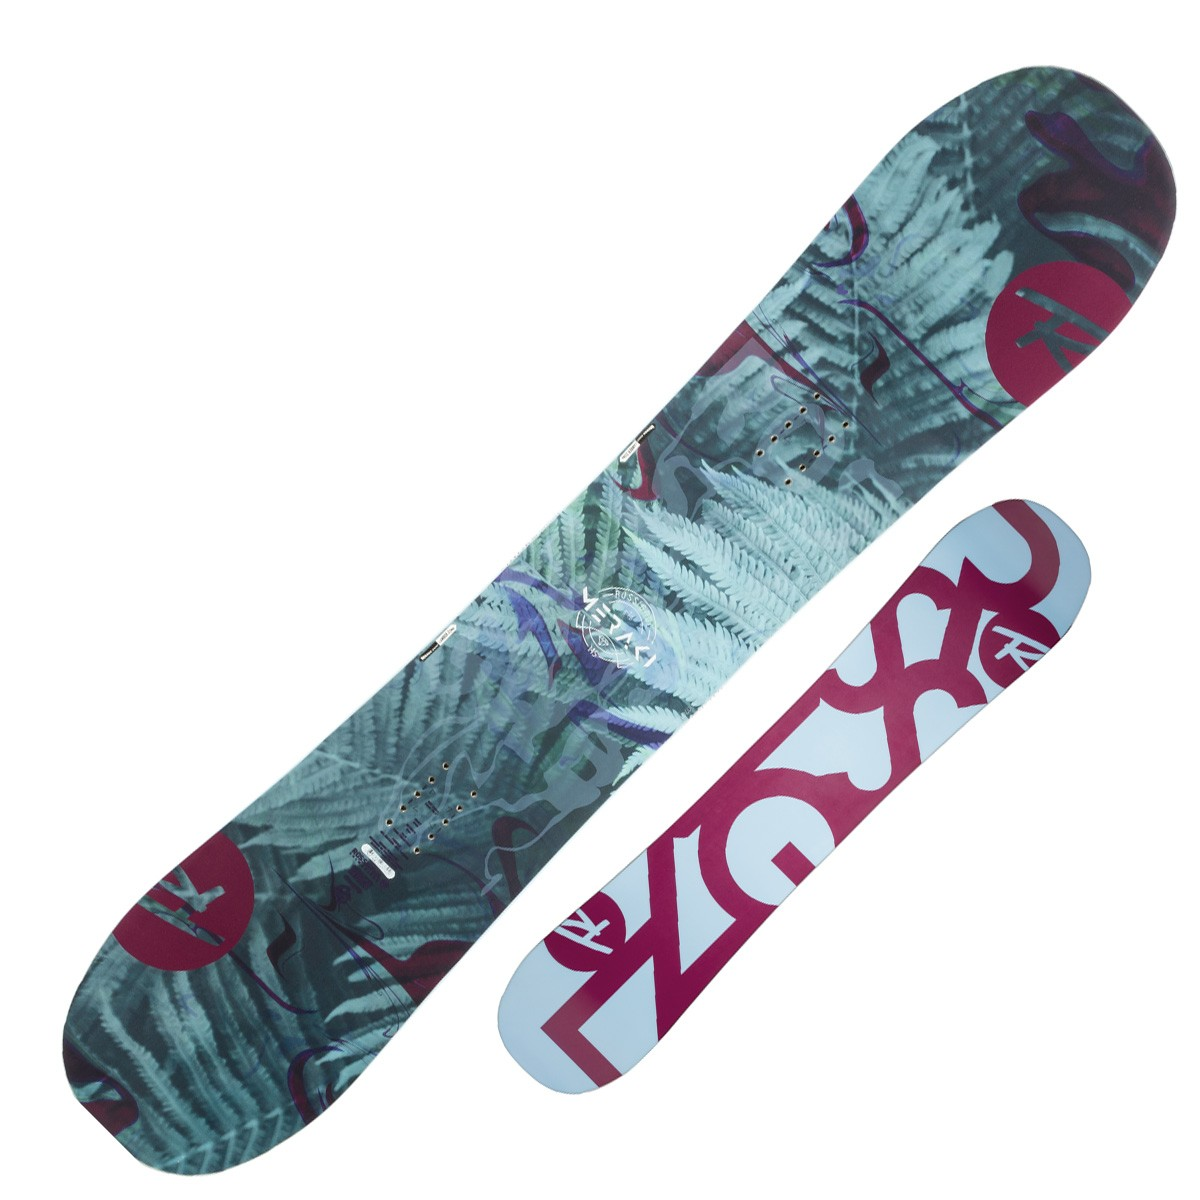 Snowboard Rossignol Meraki (Colore: fantasia, Taglia: 150)